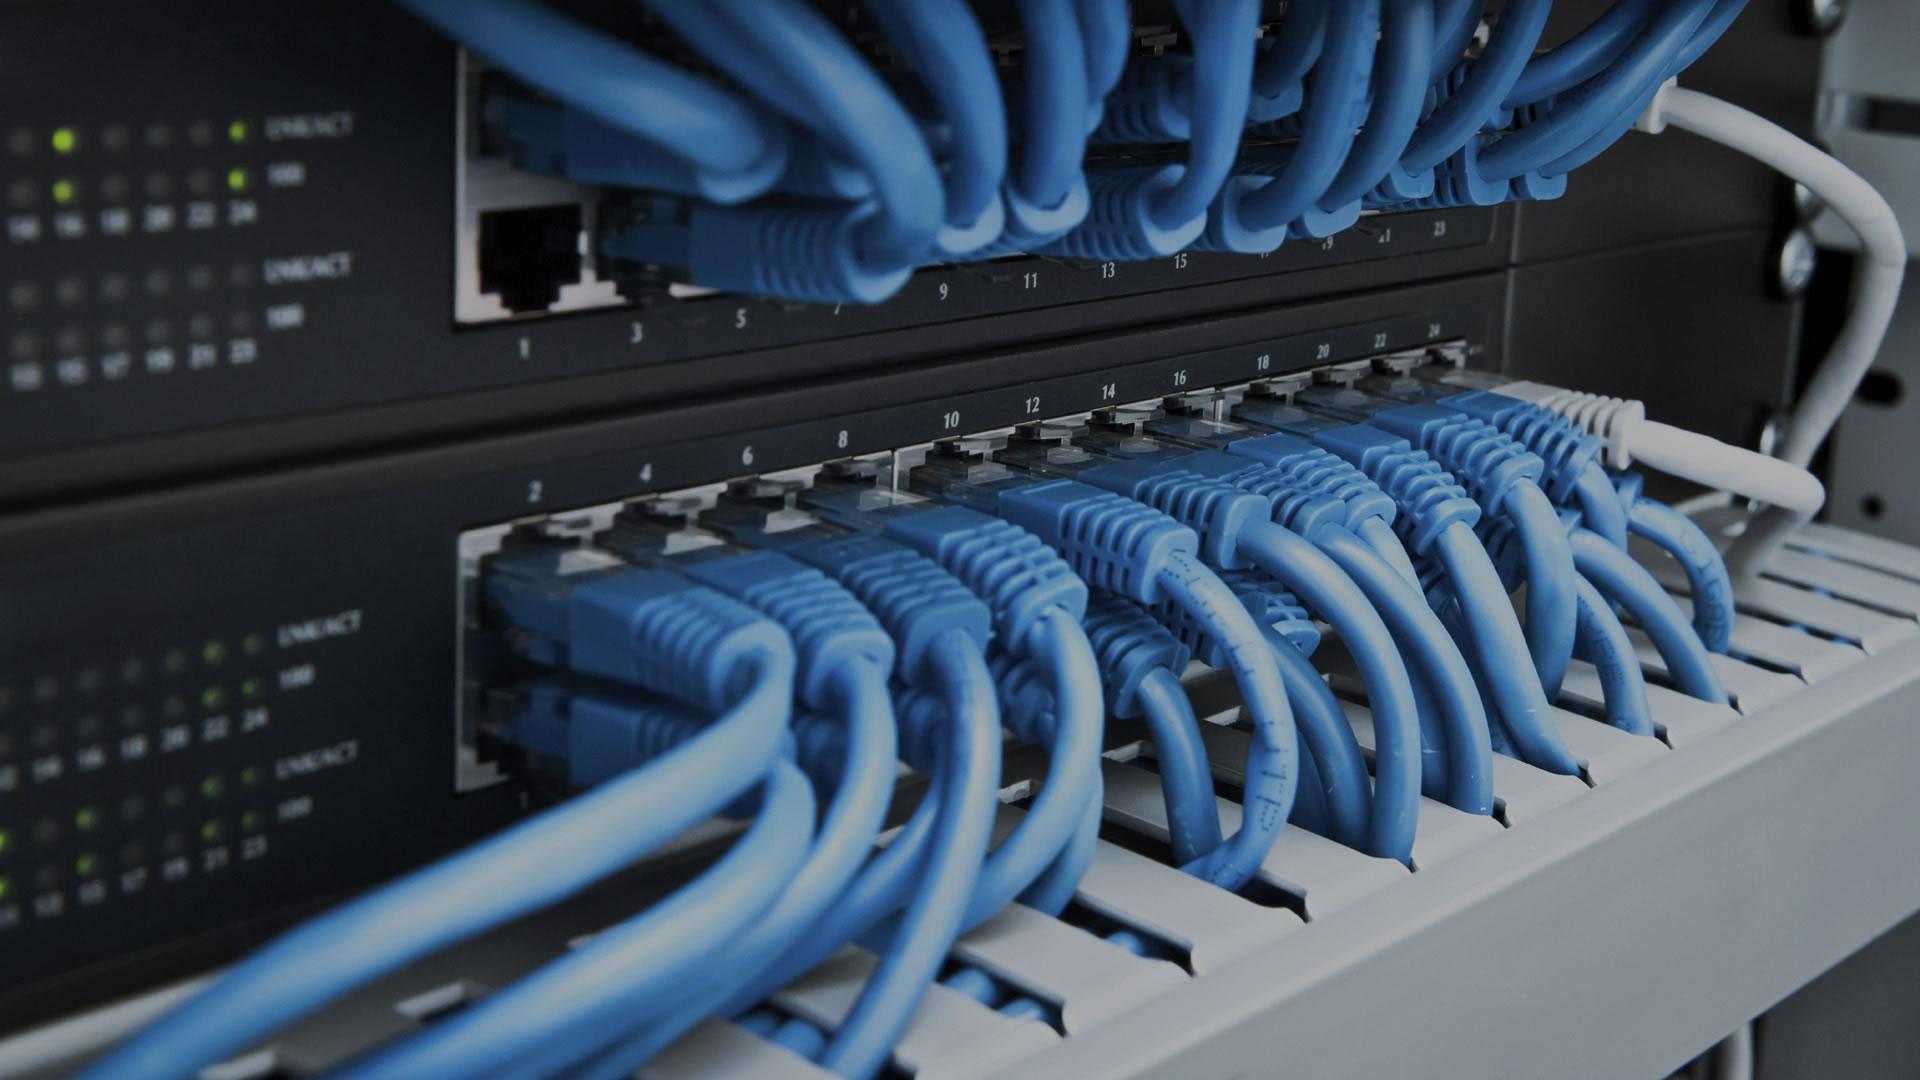 Netzwerkschrank mit Patchkabel - Server mit SSL in Recklinghausen